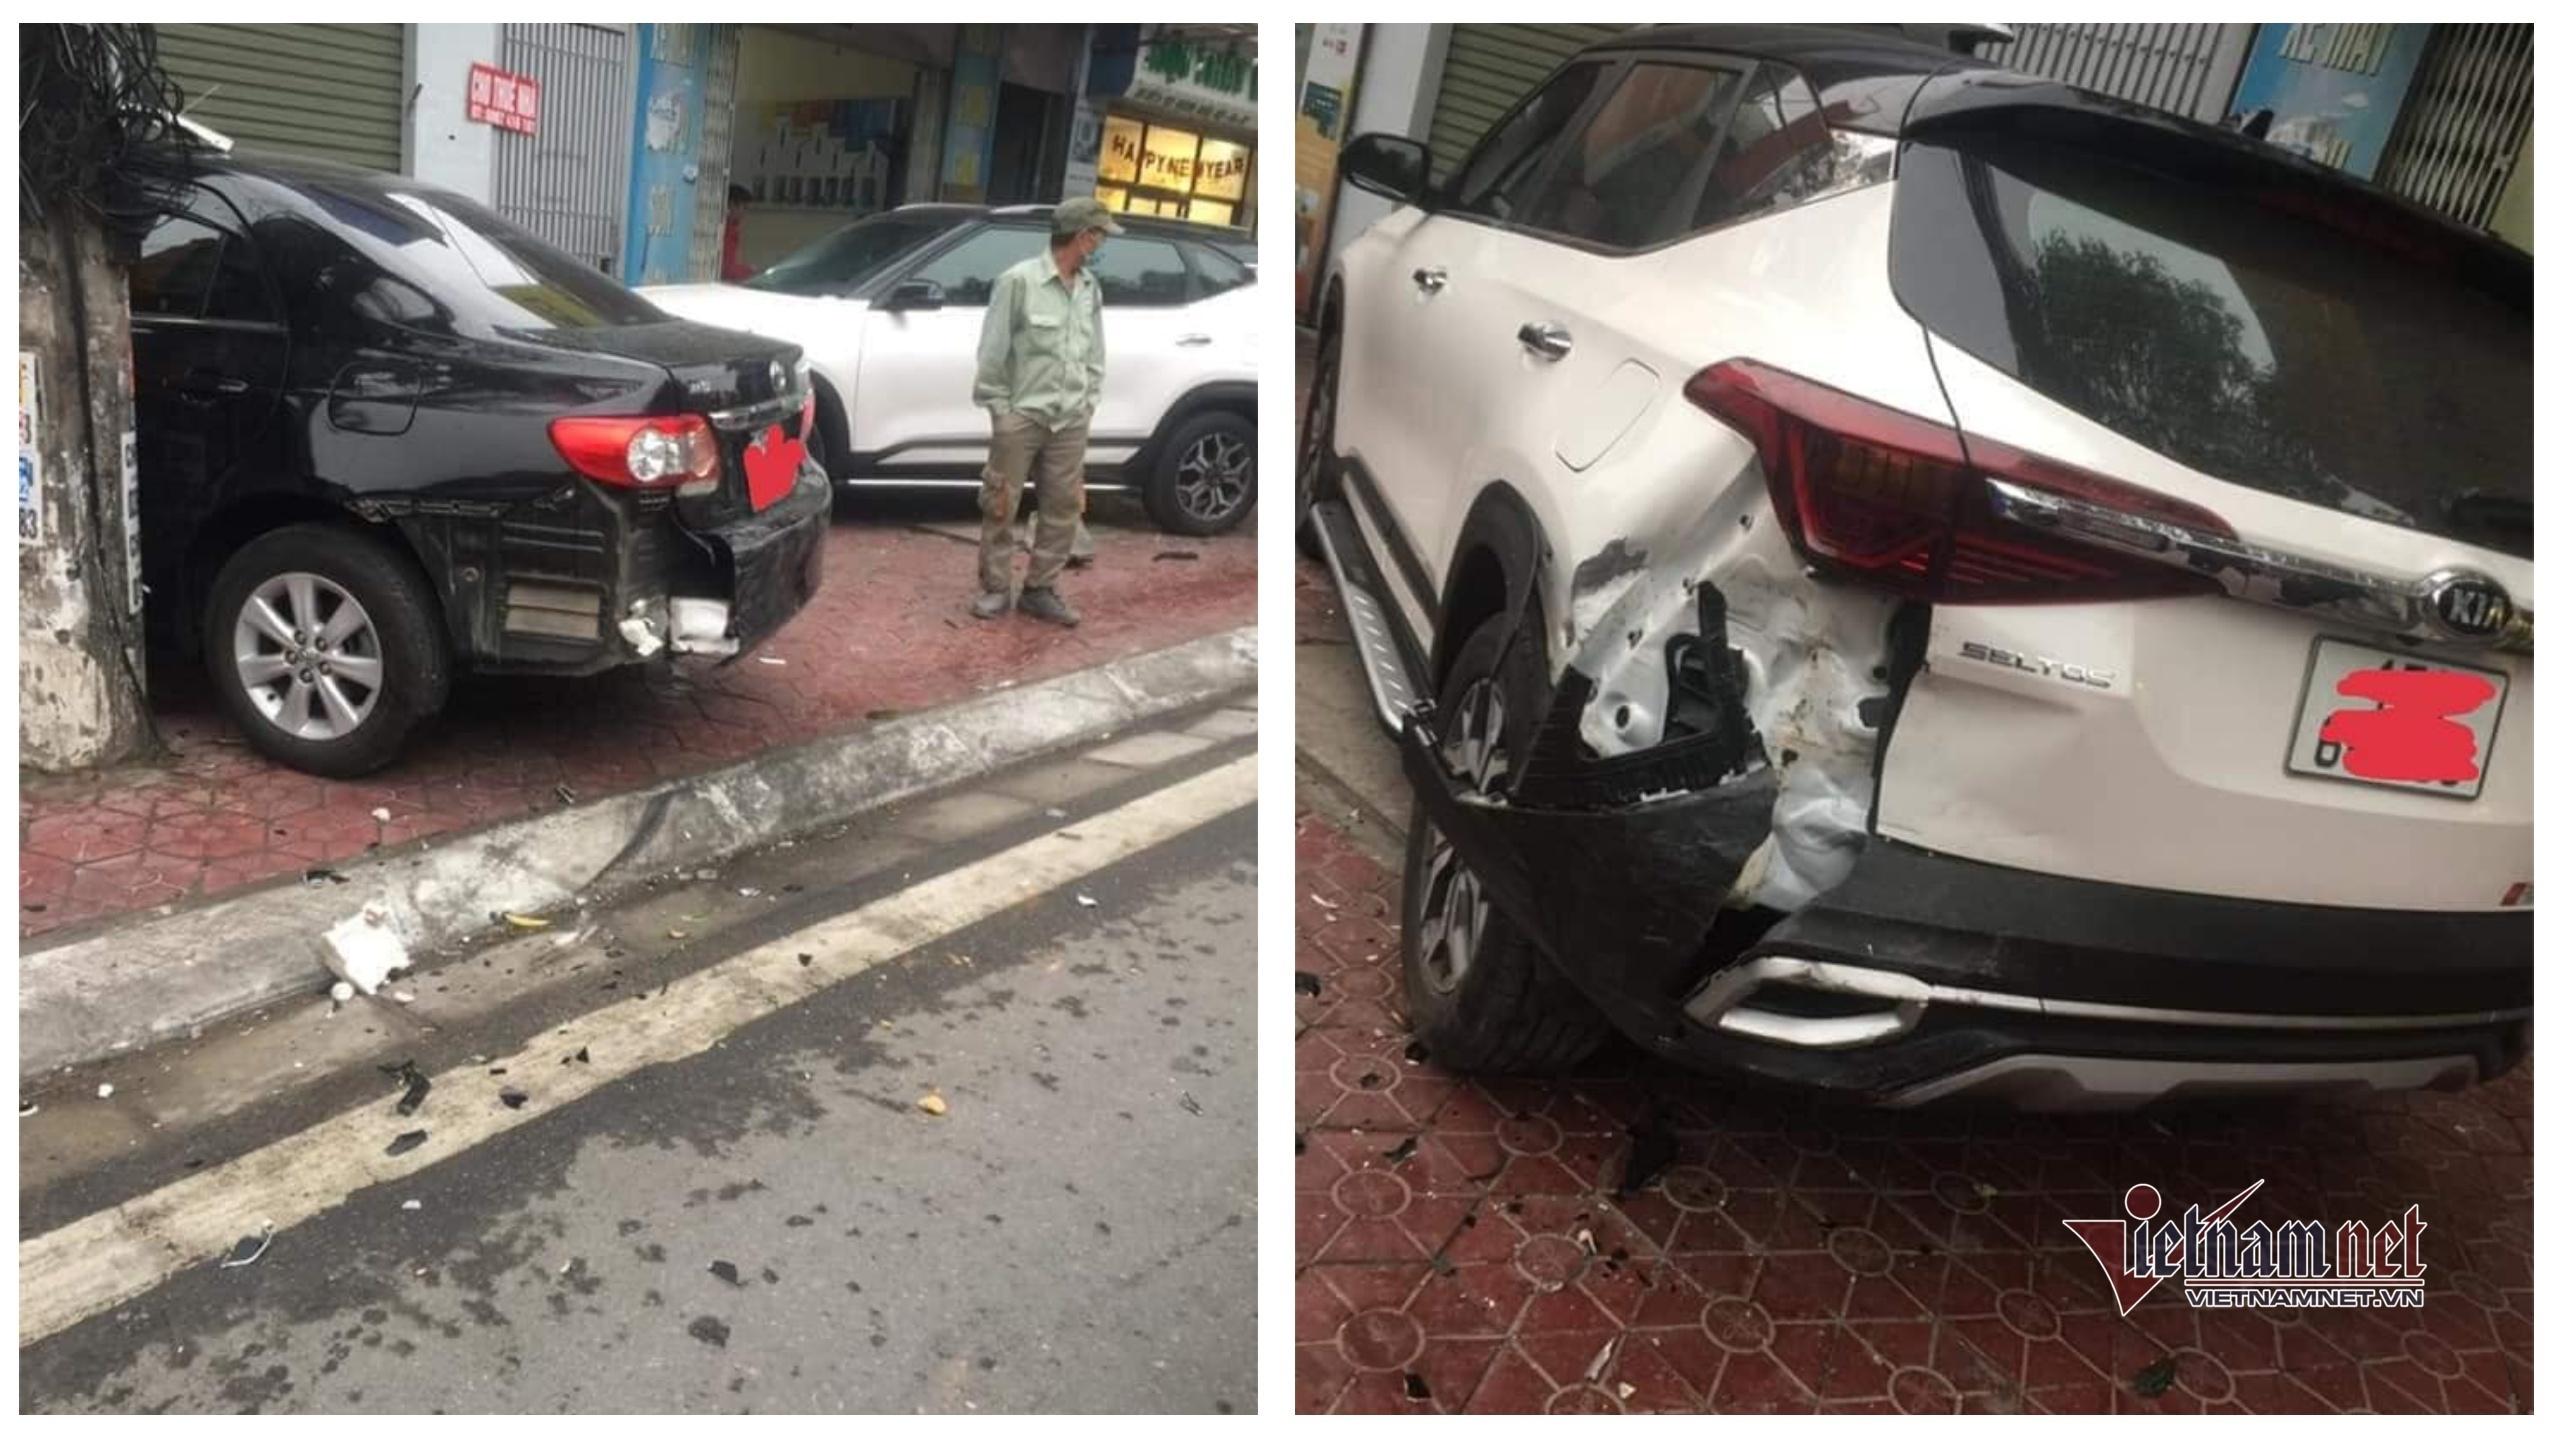 Ford Escape bỏ chạy sau khi đâm nát đuôi 2 ô tô đỗ vỉa hè ở Hải Phòng